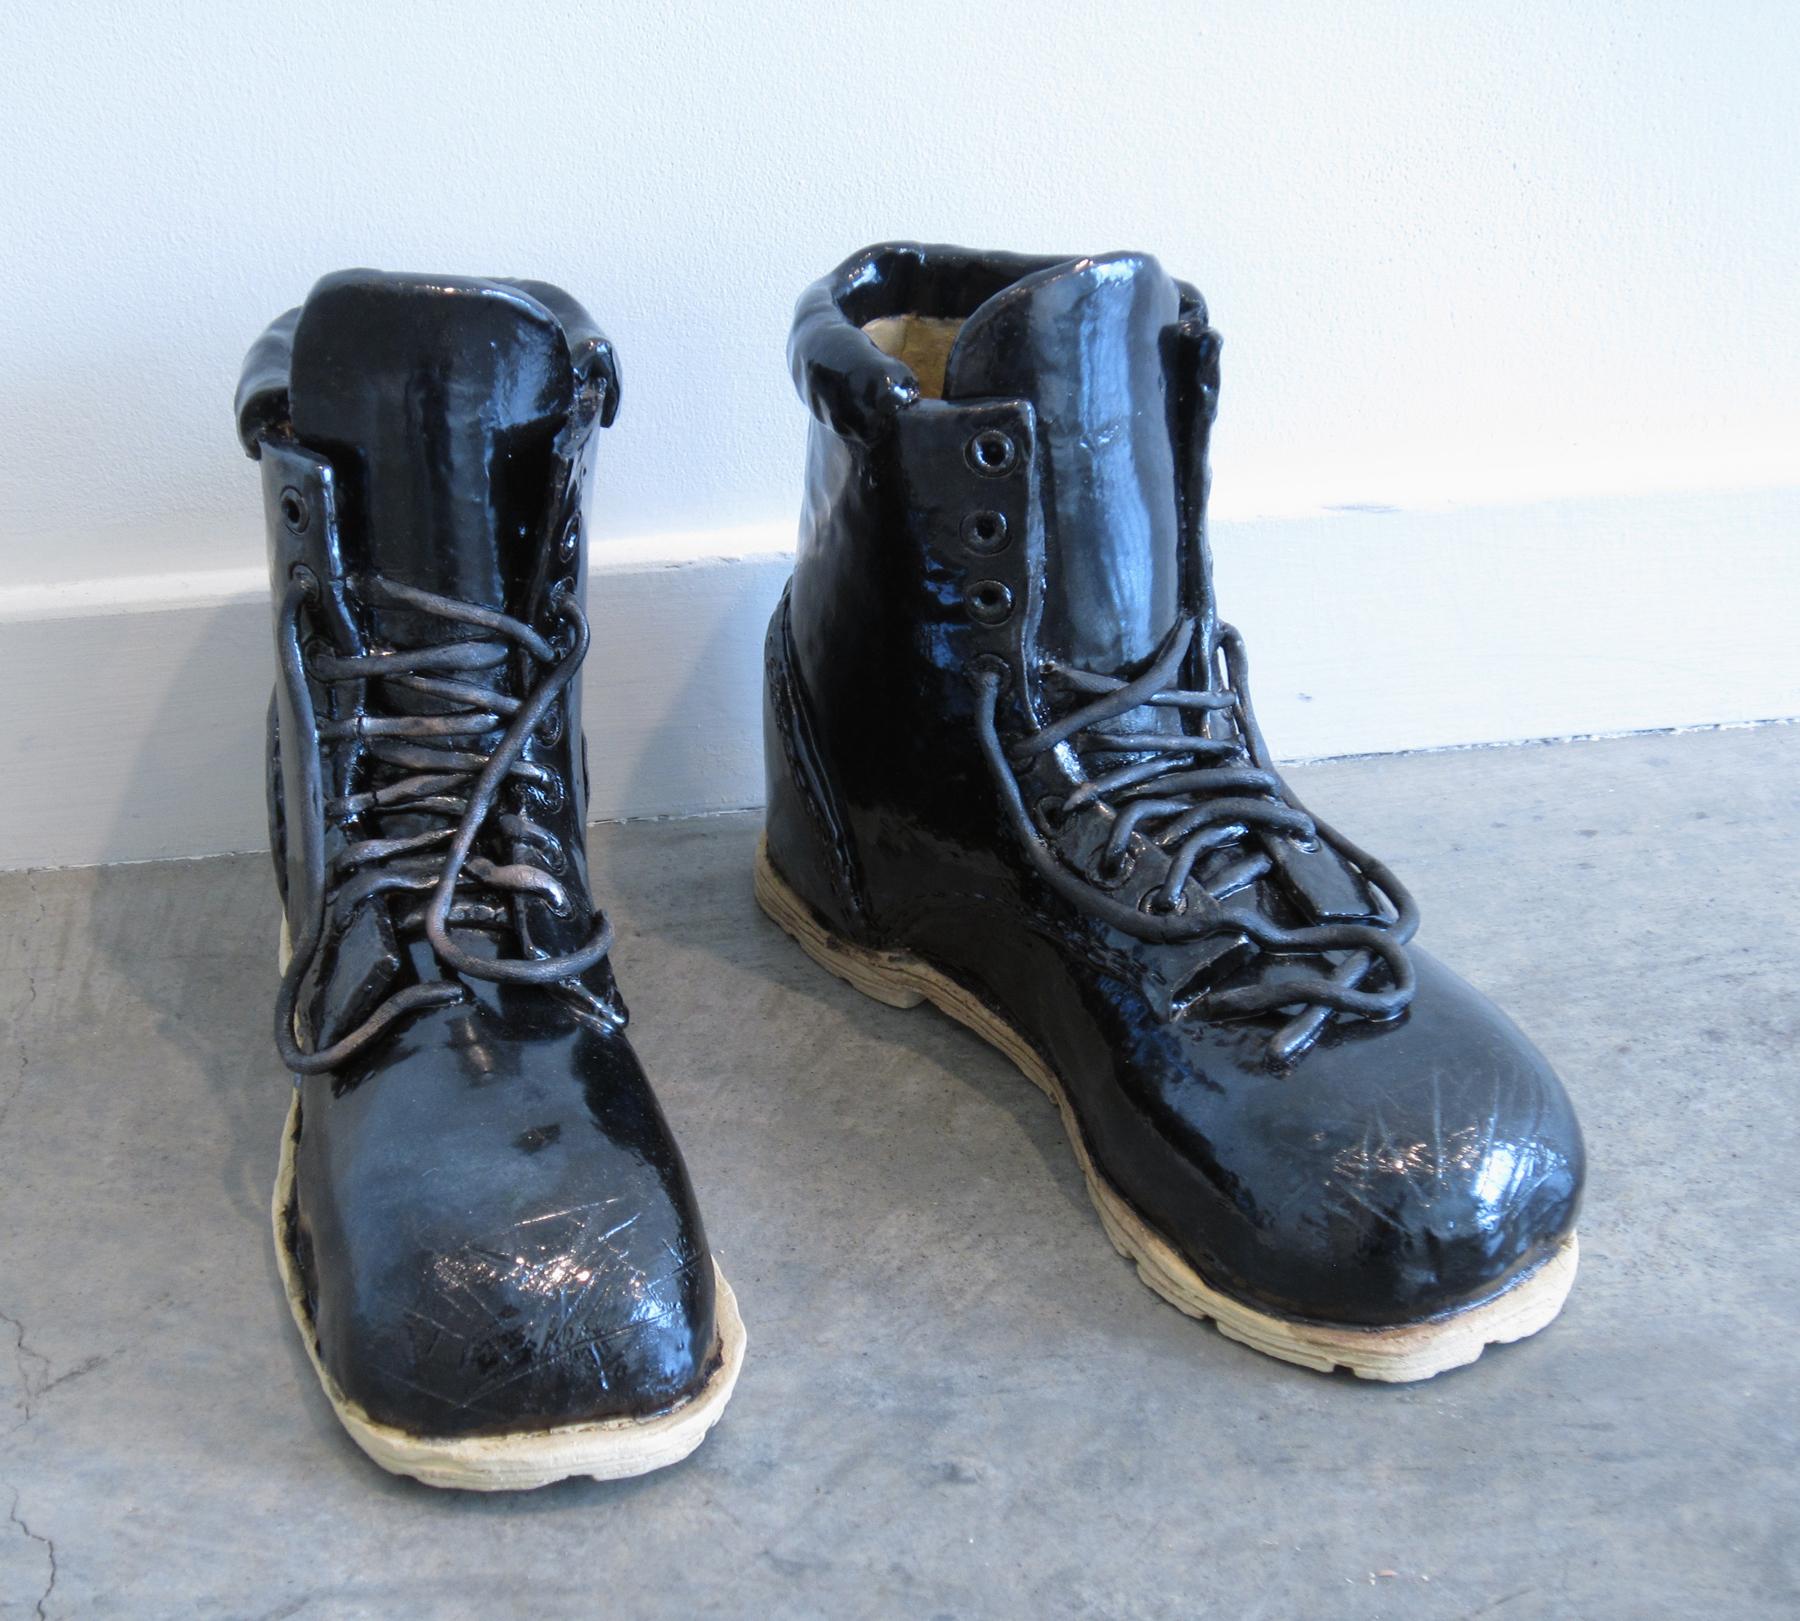 """ERIK SCOLLON   Empty Boots, 2013, glaze on stoneware, 9"""" x 11 1/2"""" x 4"""" (each)"""